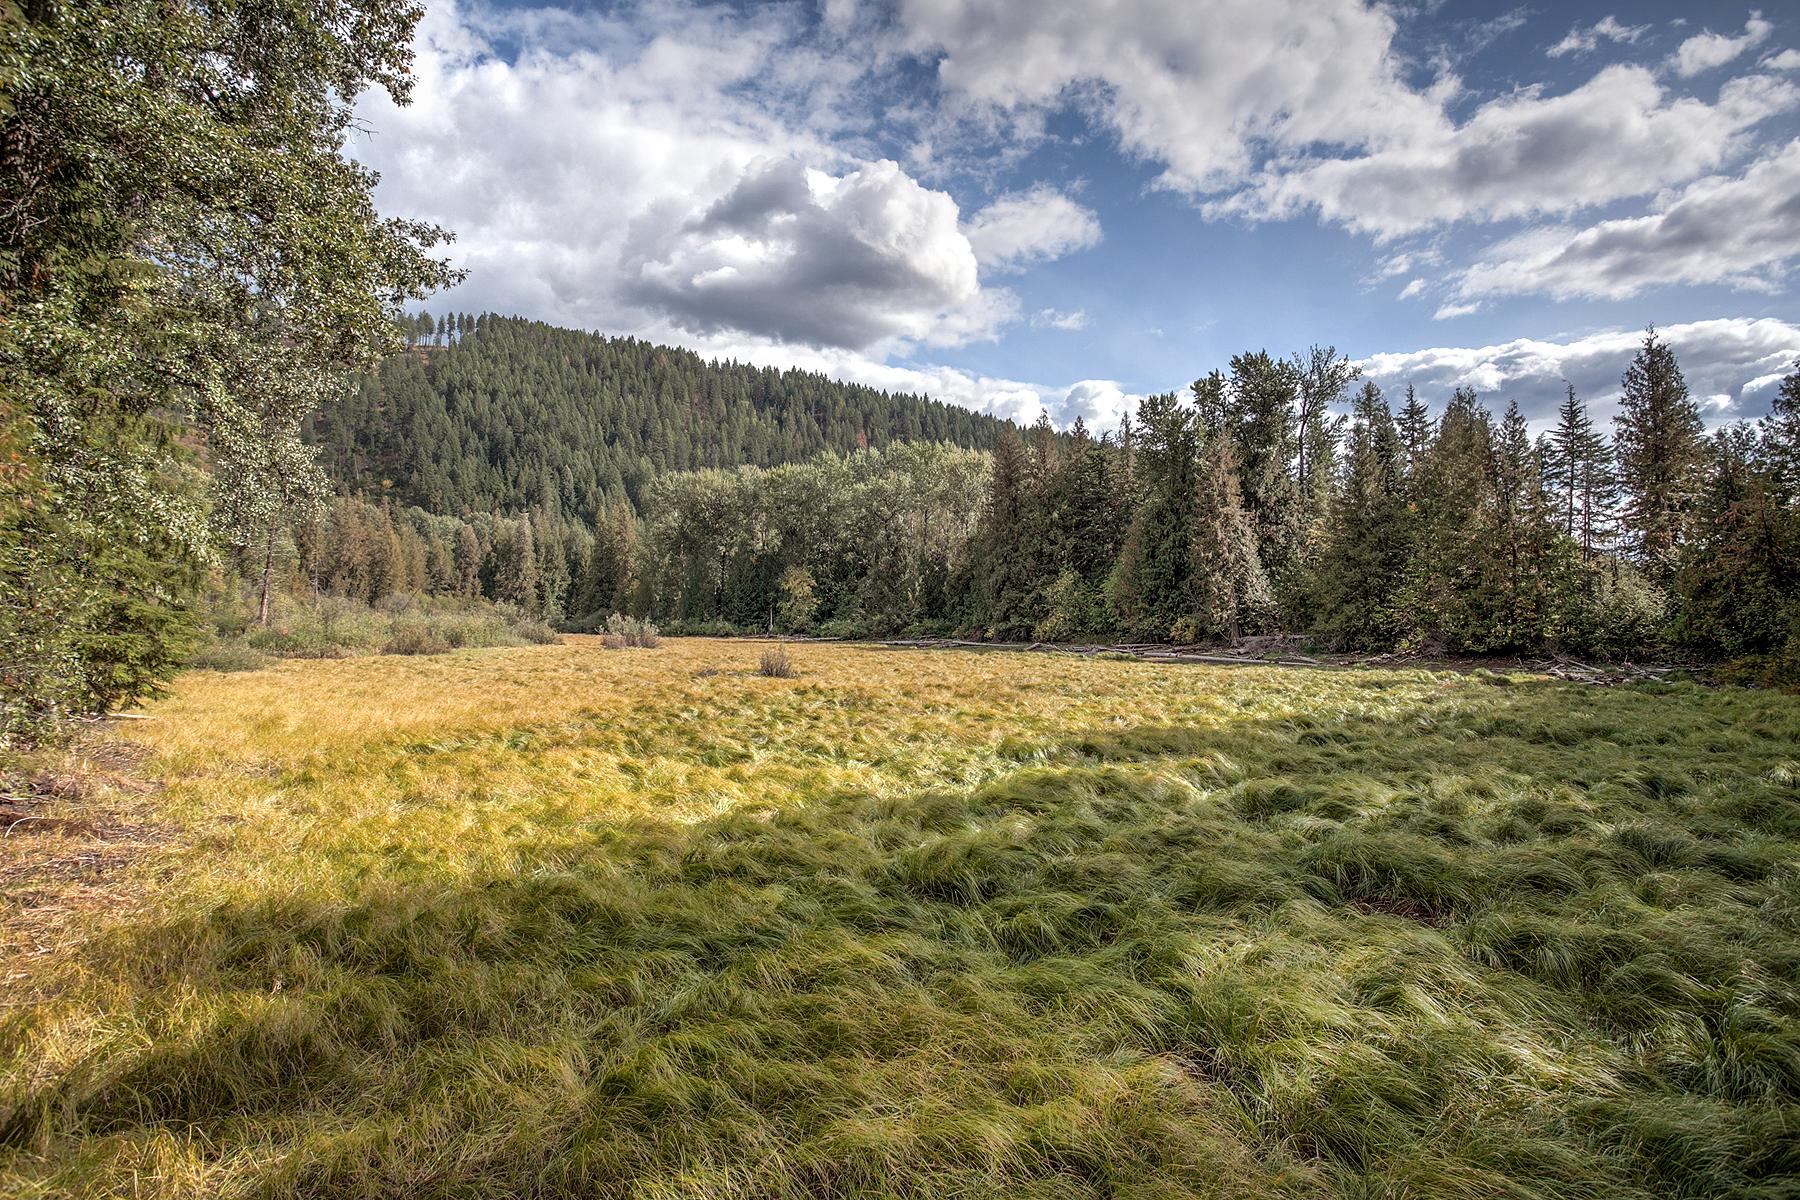 Terreno por un Venta en BUSHWOOD ESTATES Lot 5 1585 Lost Creek Rd Coolin, Idaho 83821 Estados Unidos